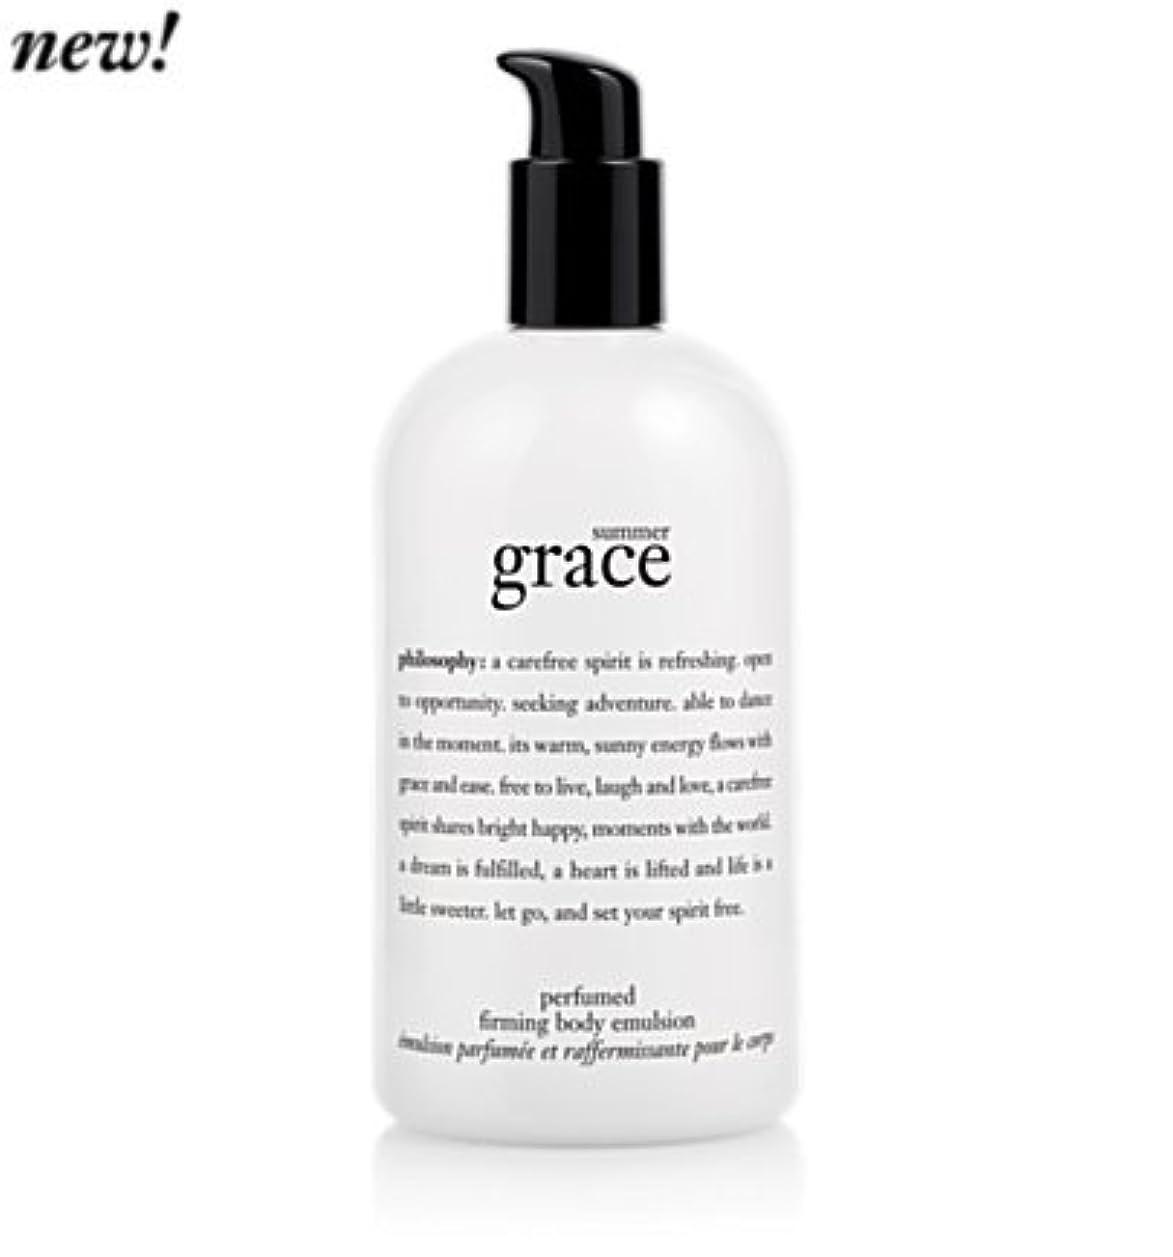 である受け入れたマウント'summer grace (サマーグレイス) 16.0 oz (480ml) perfumed firming body emulsion for Women